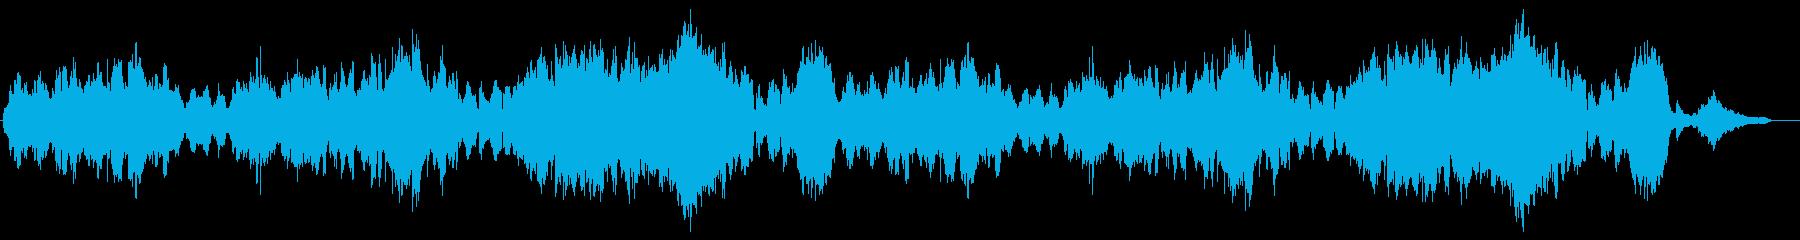 オーボエとトランペットのやさしいバラードの再生済みの波形